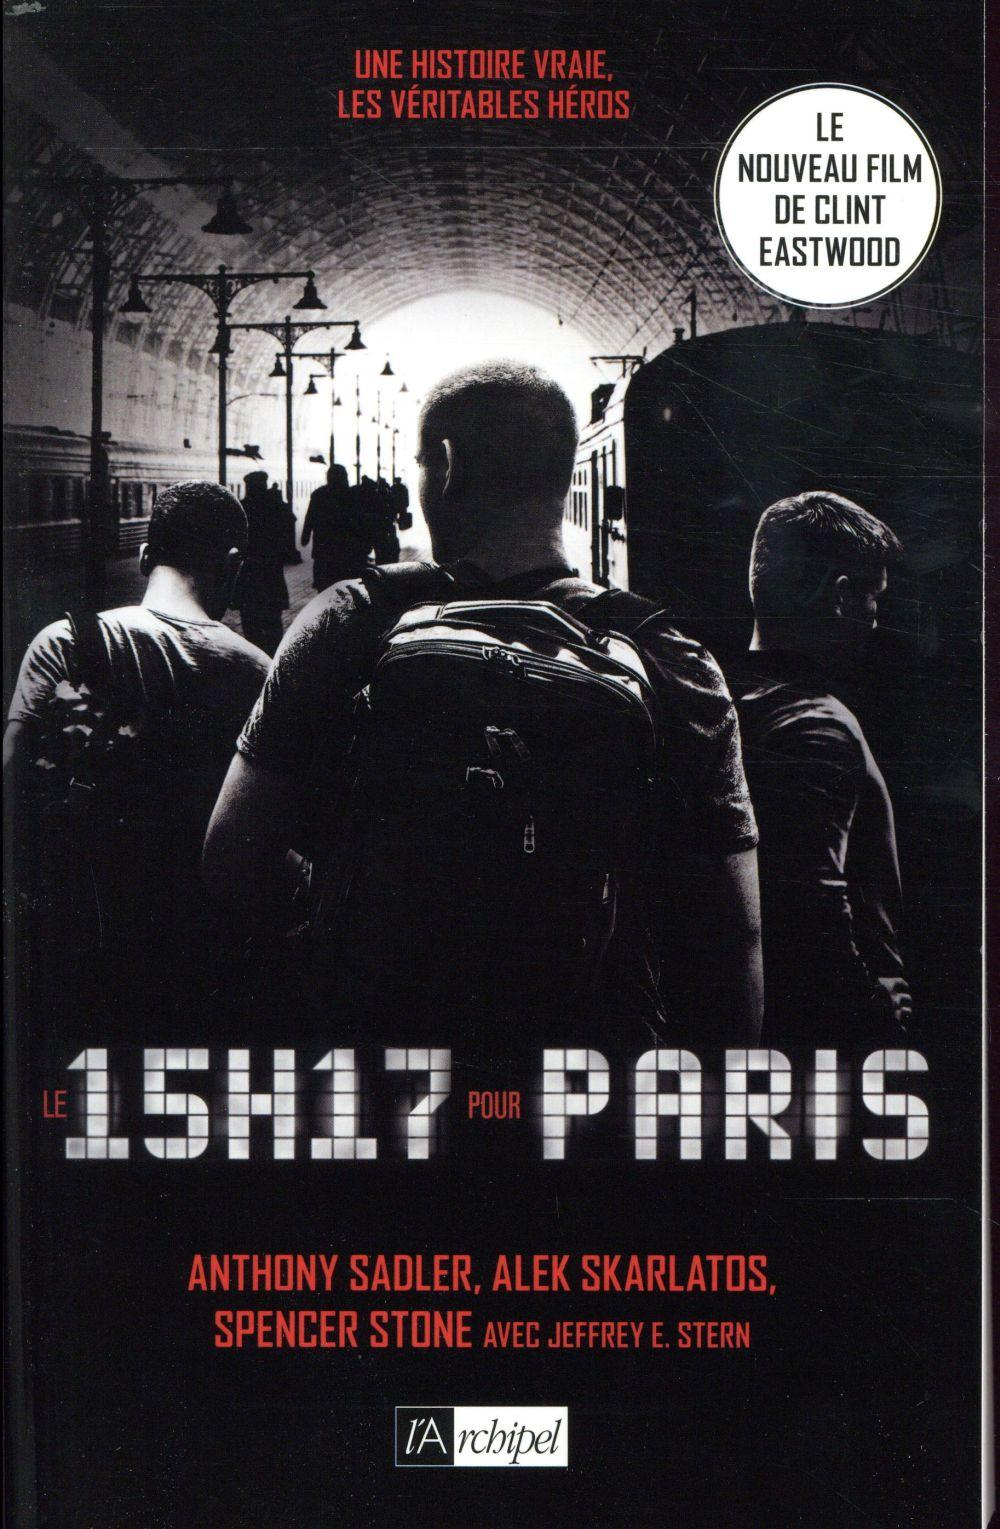 Le 15h17 pour Paris : l'histoire d'un train, d'un terrorriste et de trois héros